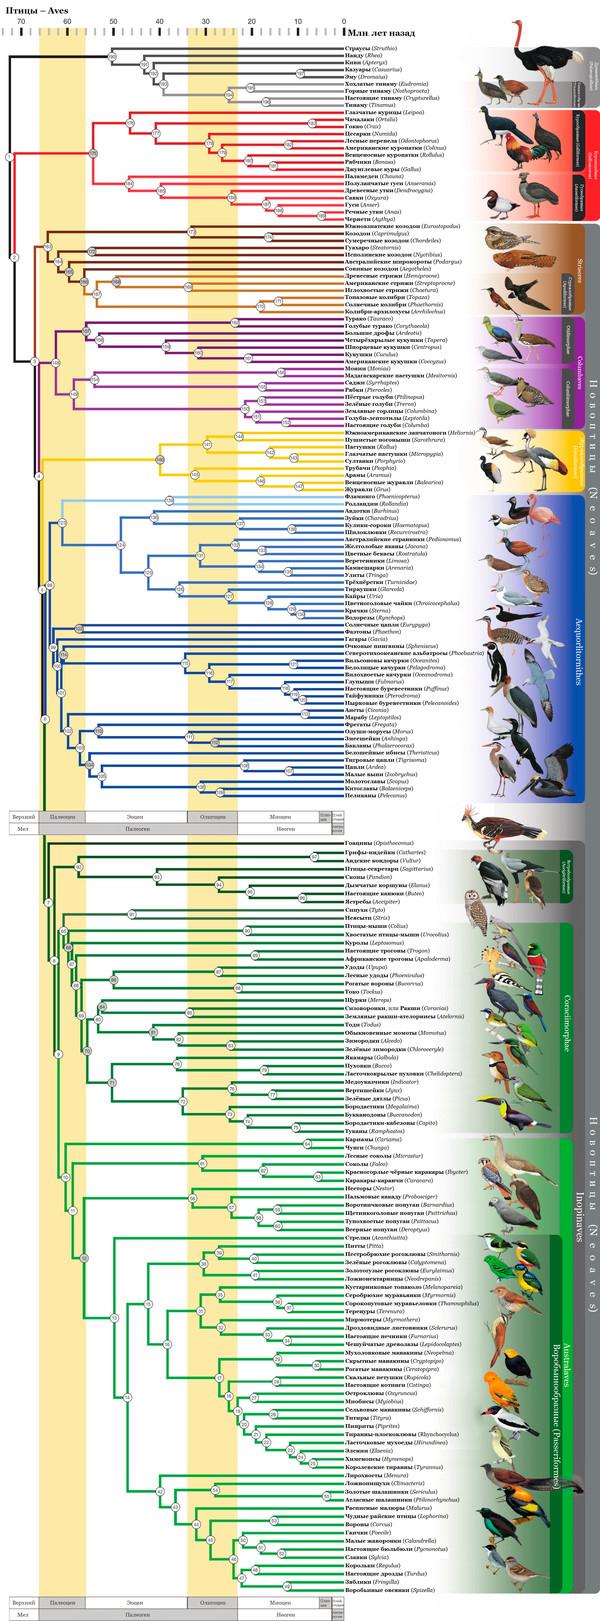 Филогения птиц 2.0 Исправленная и дополненная версия наука, биология, зоология, систематика, птицы, познавательно, Лига биологов, Лига орнитологии, длиннопост